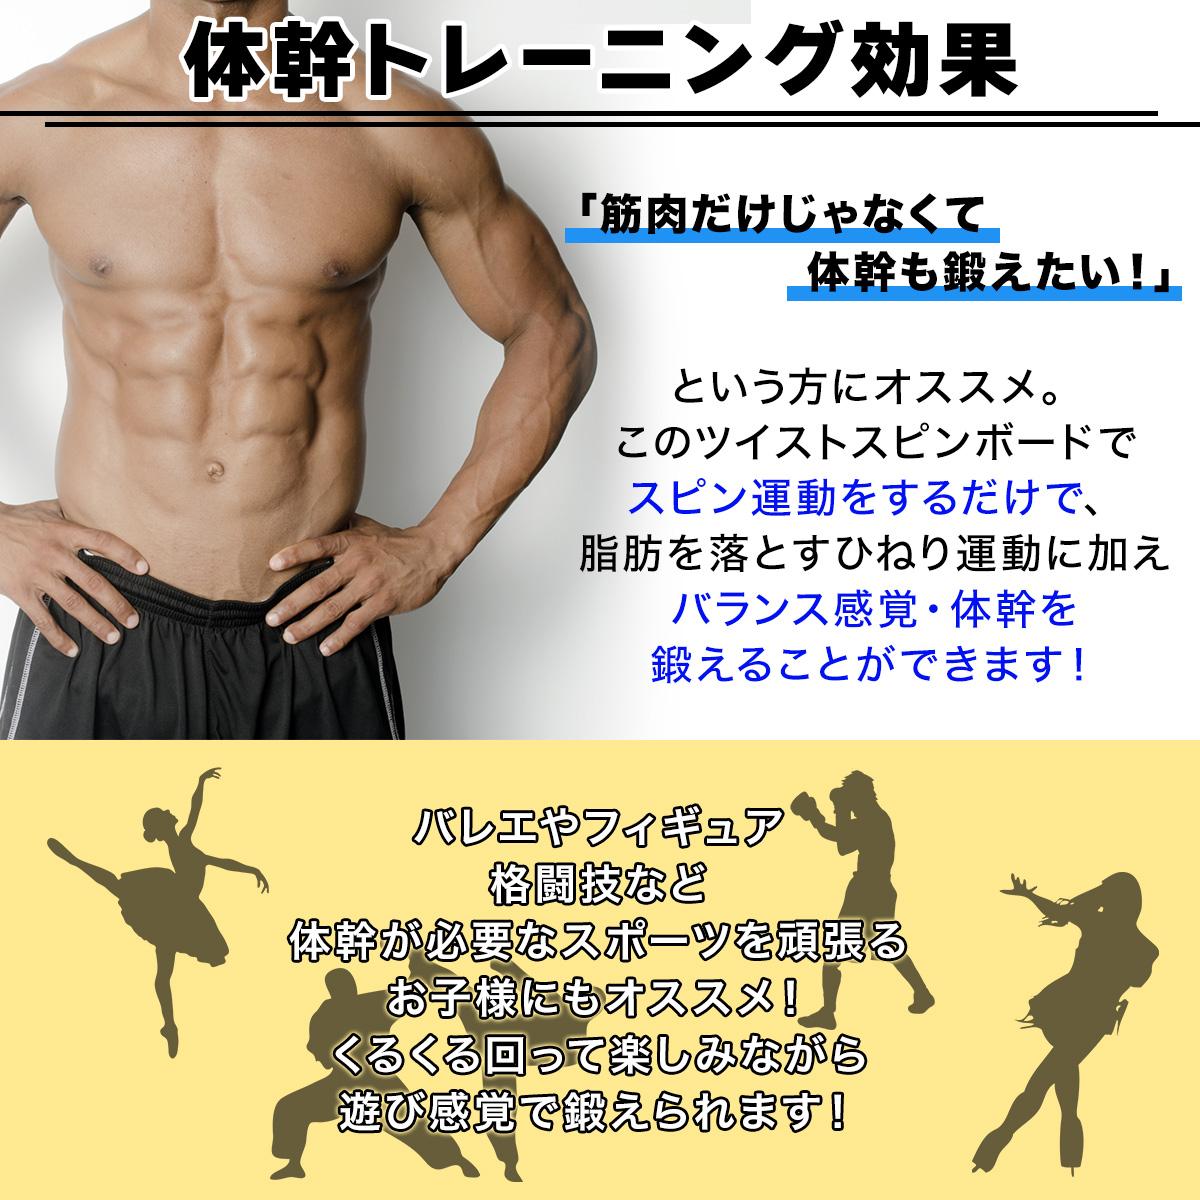 ツイストスピンボード スピントレーナー 回転 バランス 体幹運動に!